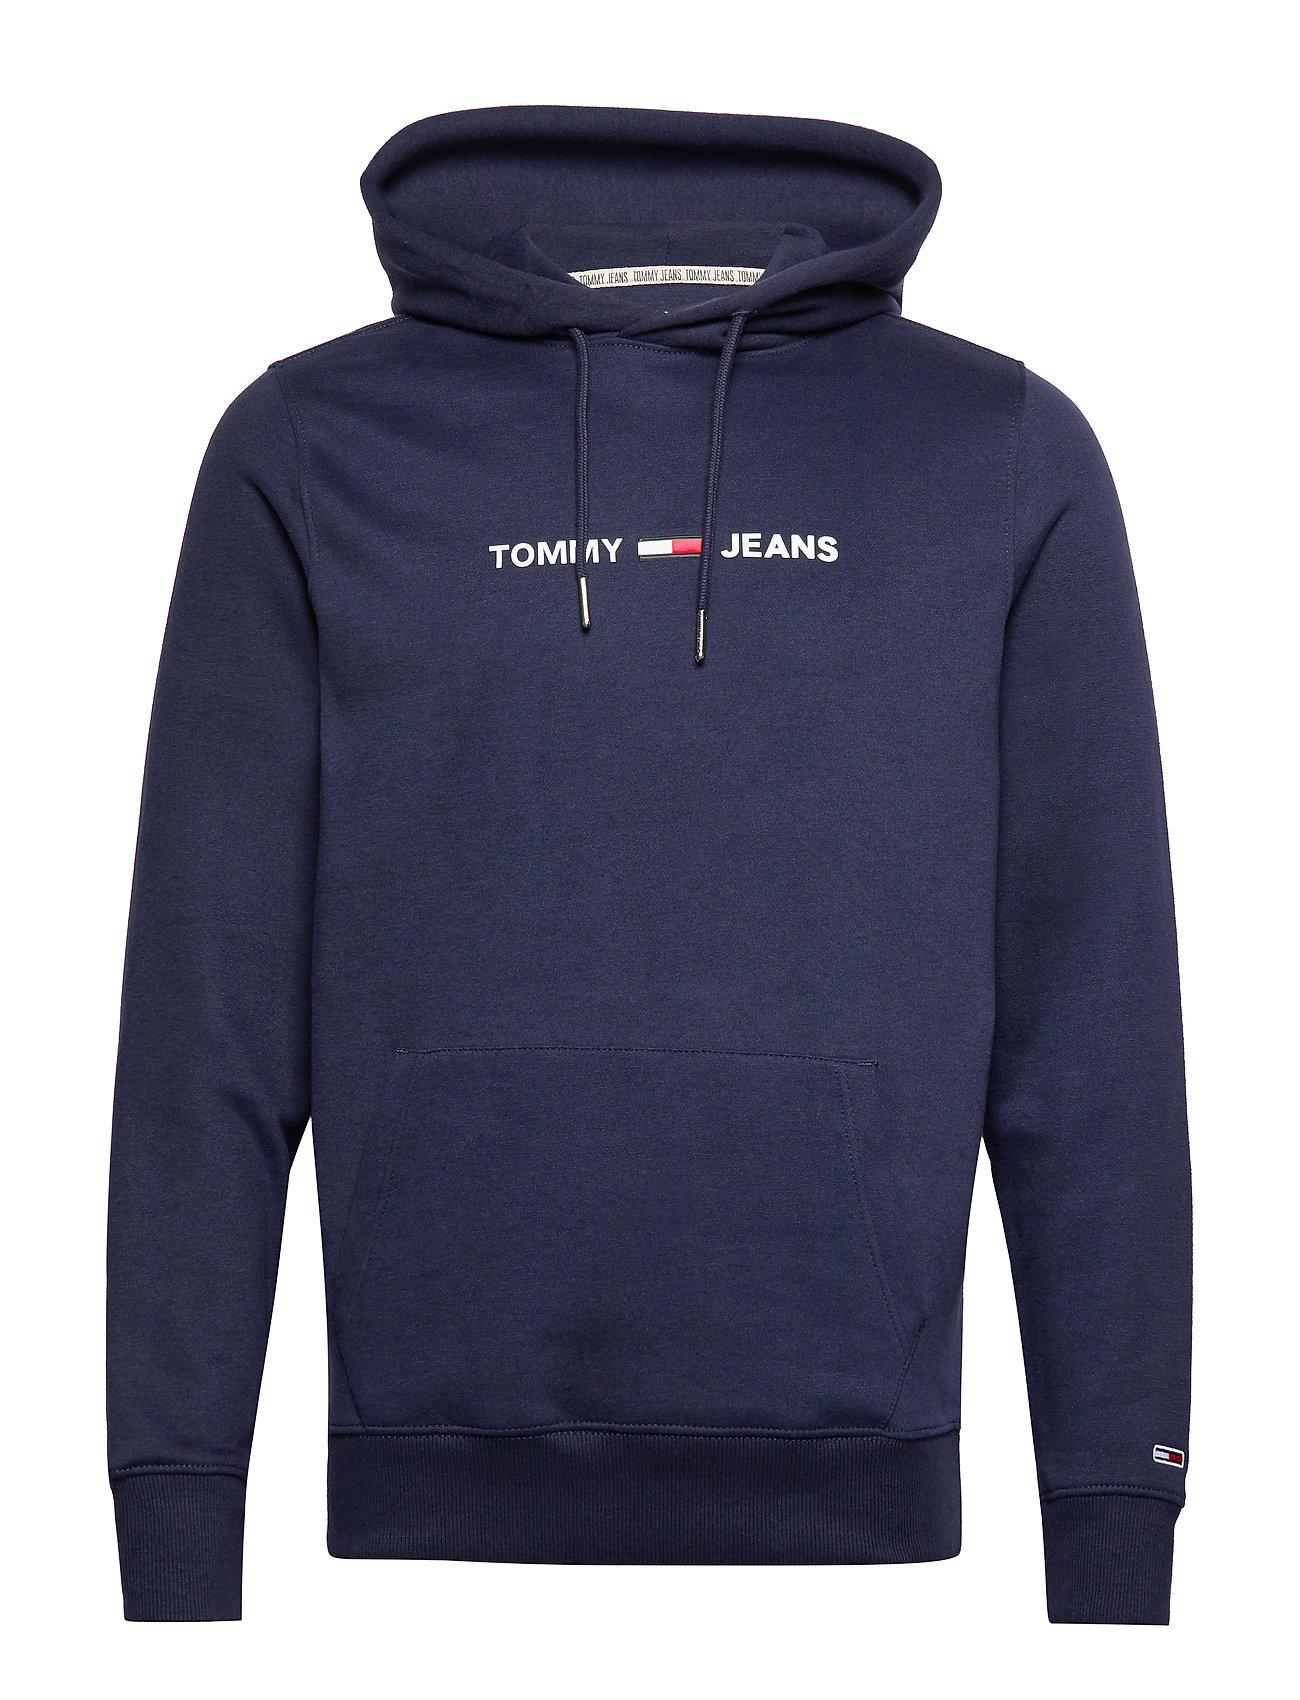 Tommy Jeans TJM STRAIGHT SMALL L - BLACK IRIS